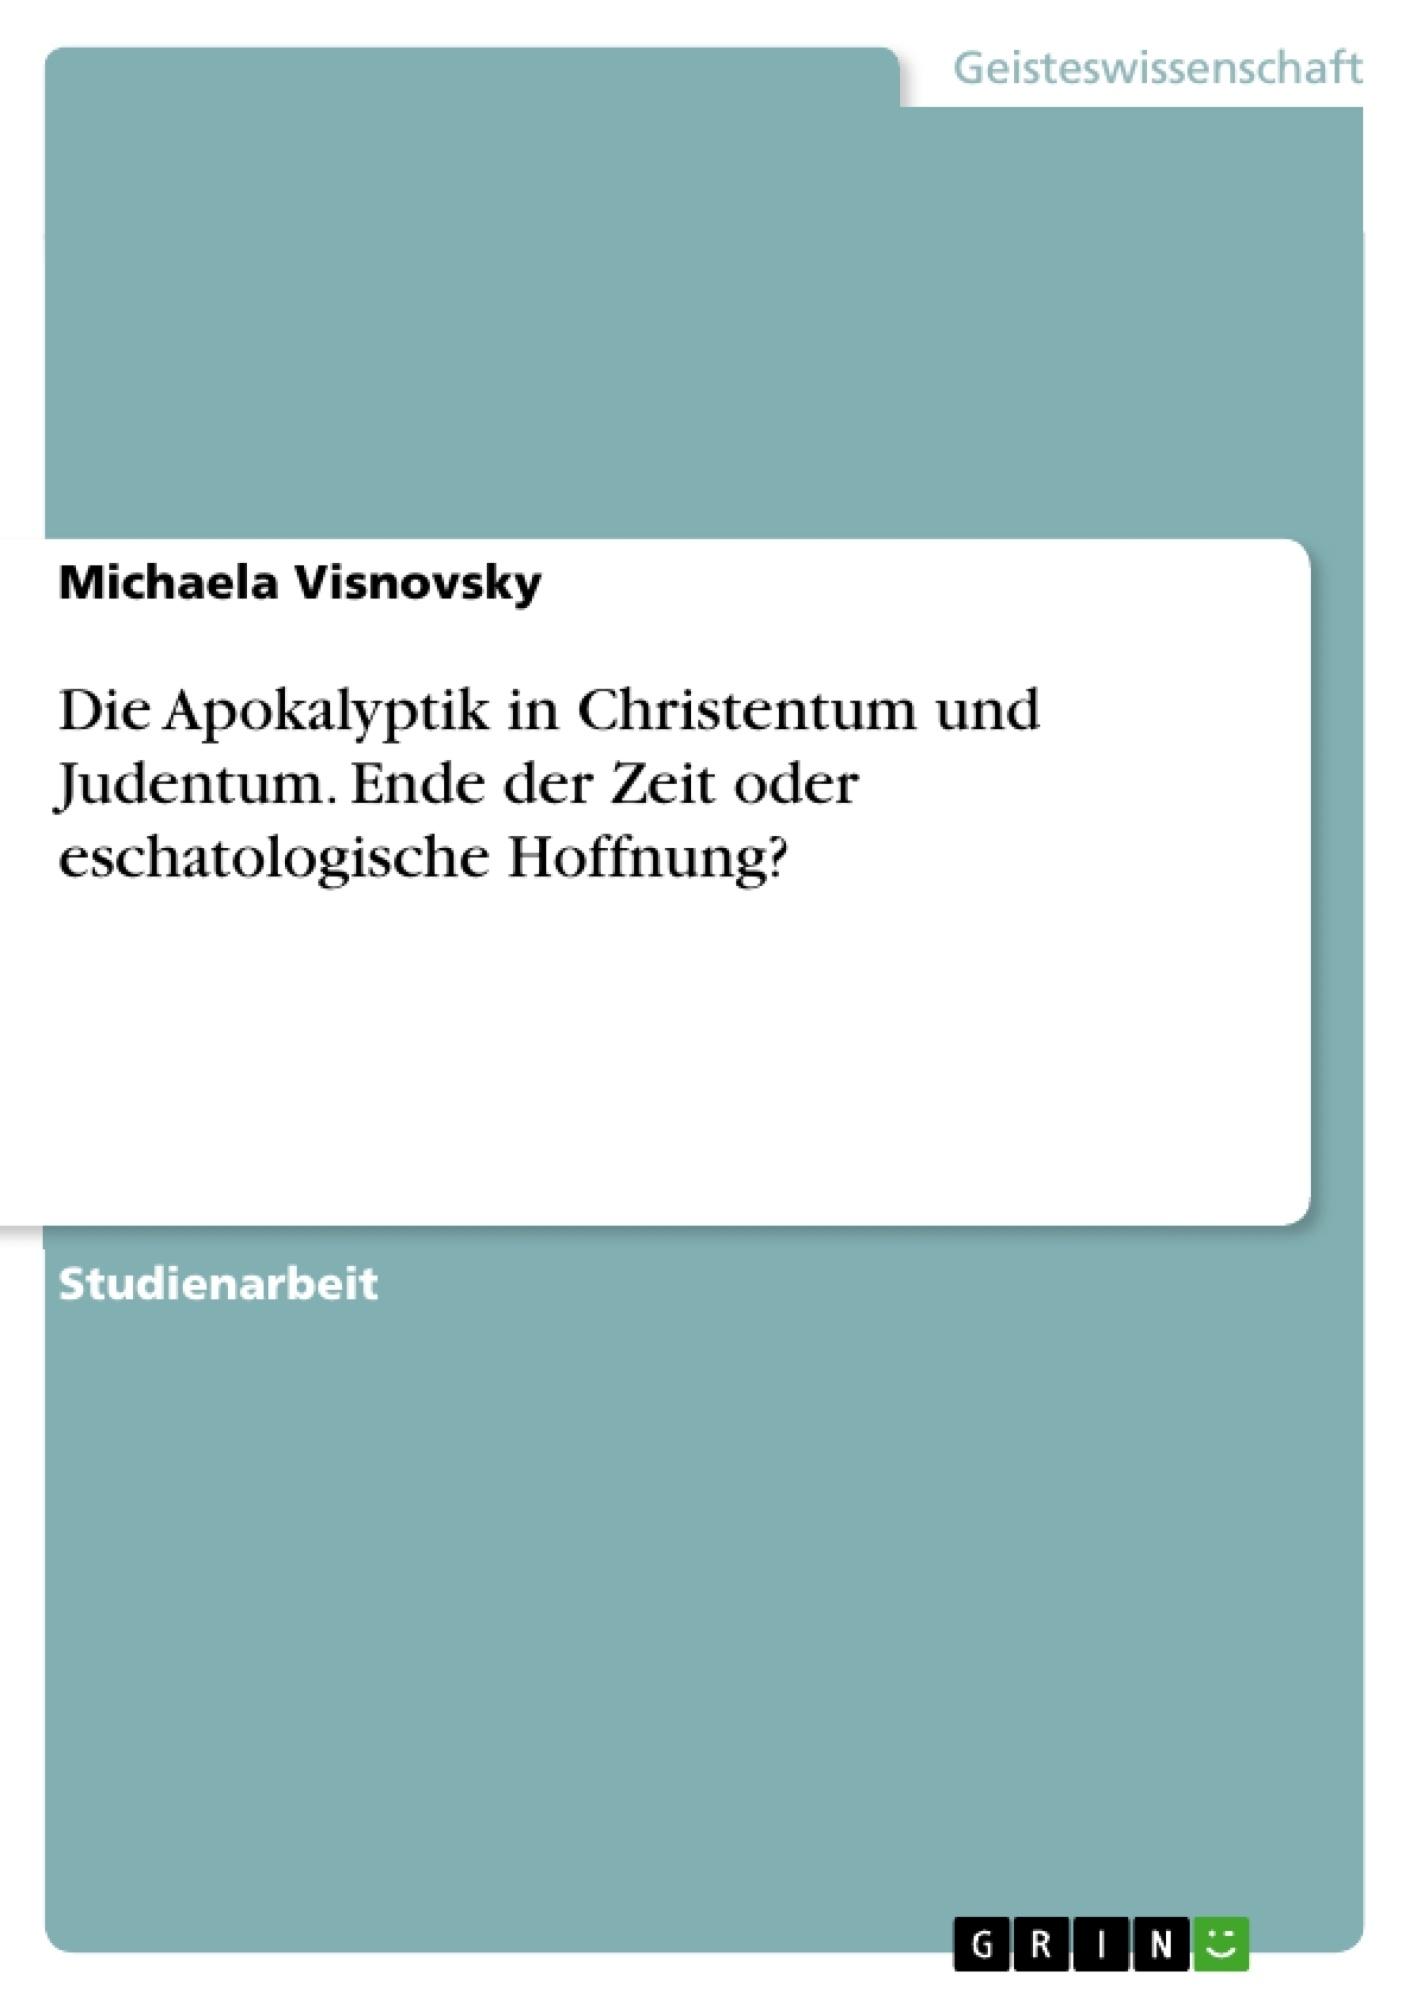 Titel: Die Apokalyptik in Christentum und Judentum. Ende der Zeit oder eschatologische Hoffnung?